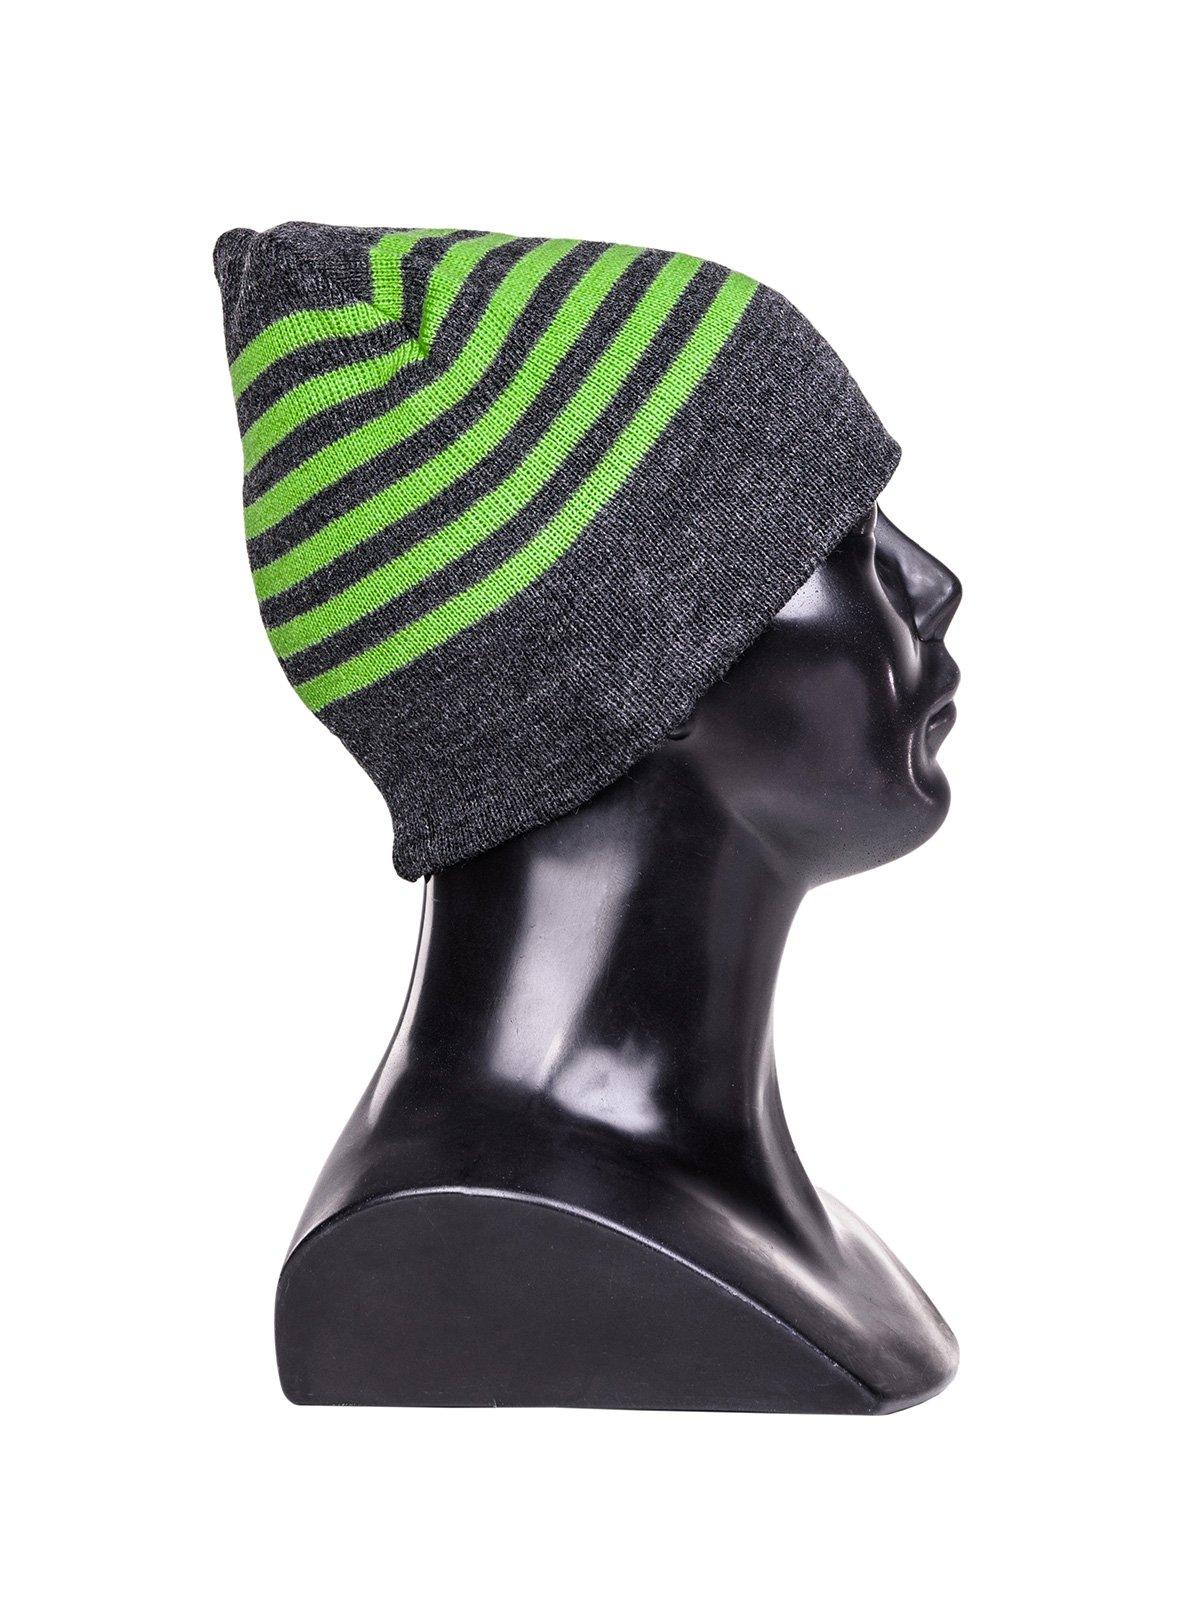 Czapka A066 - Grafitowa/zielona